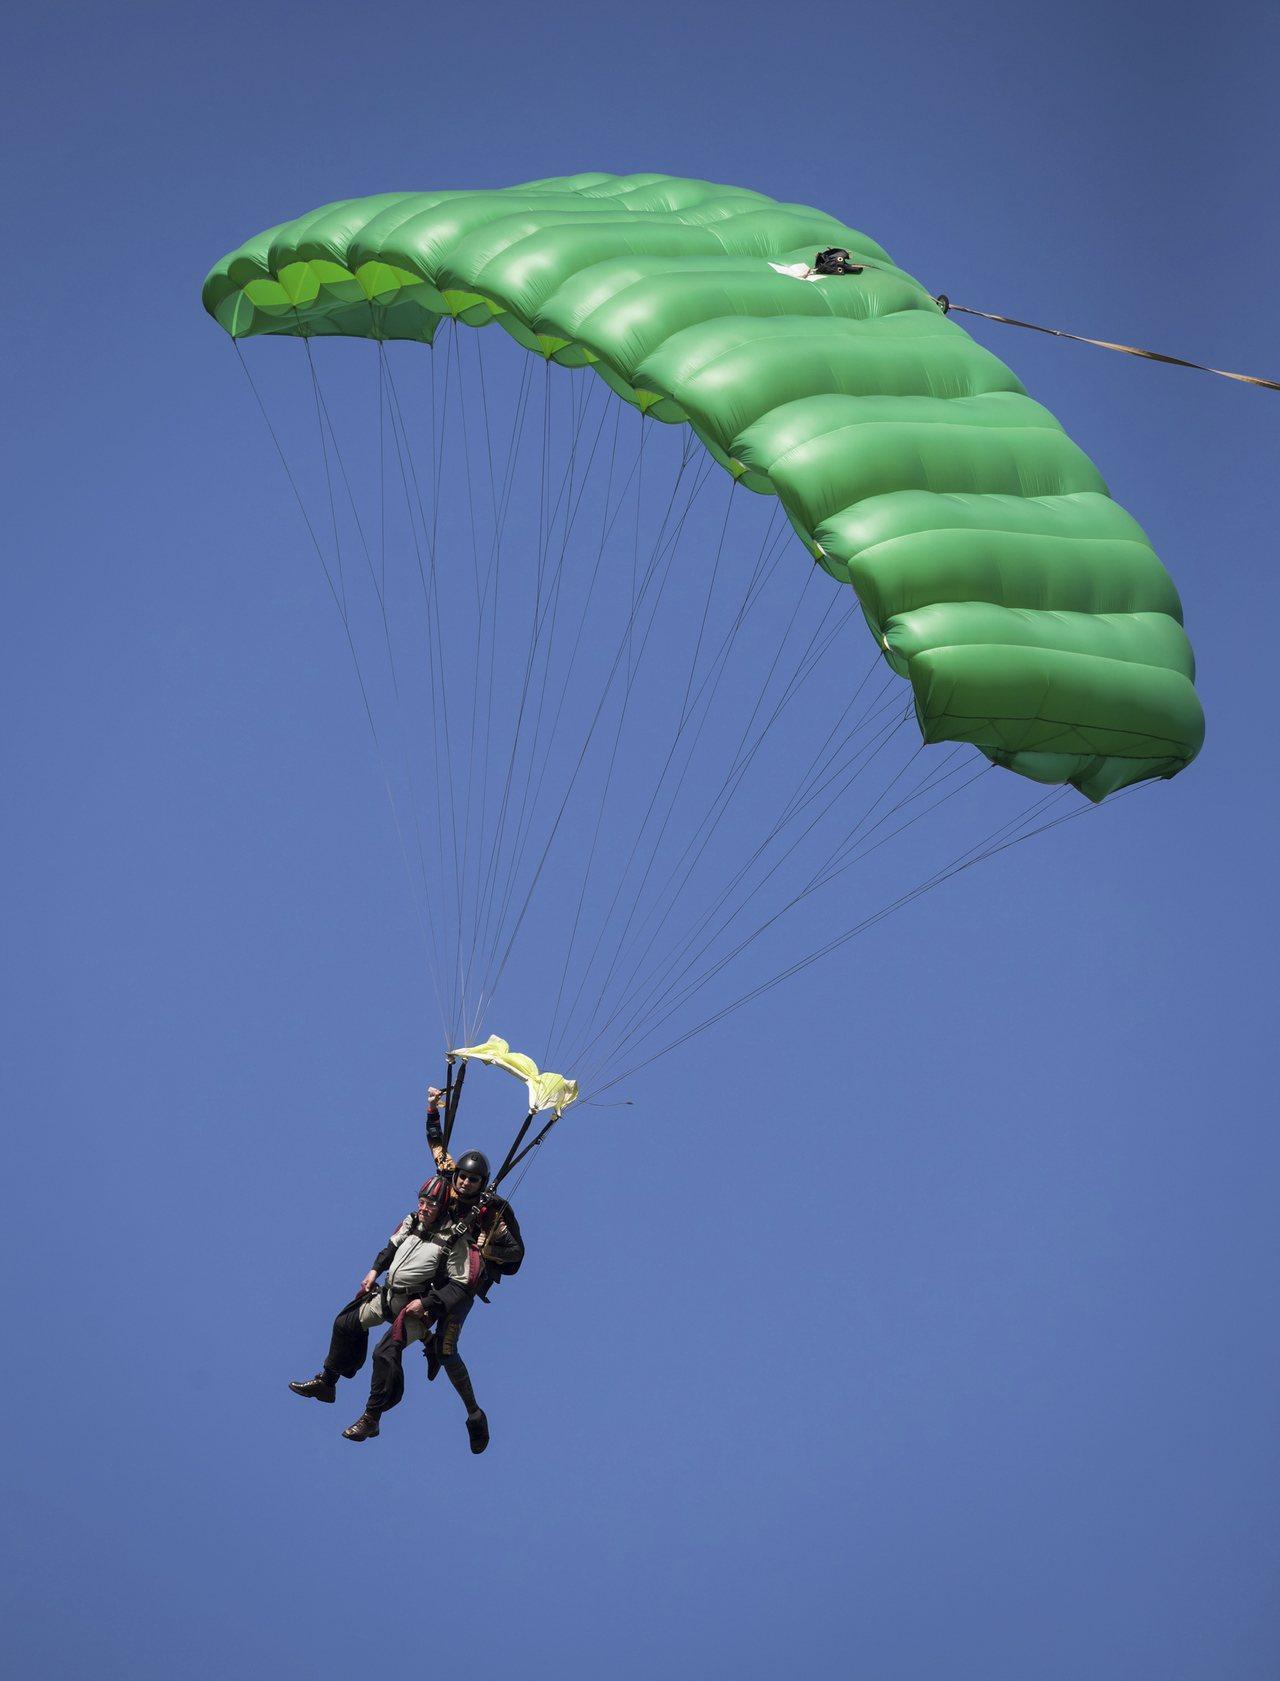 加拿大女子跳傘時傘具故障,從1500多公尺高空摔下來,奇蹟生還。圖為跳傘示意圖。...